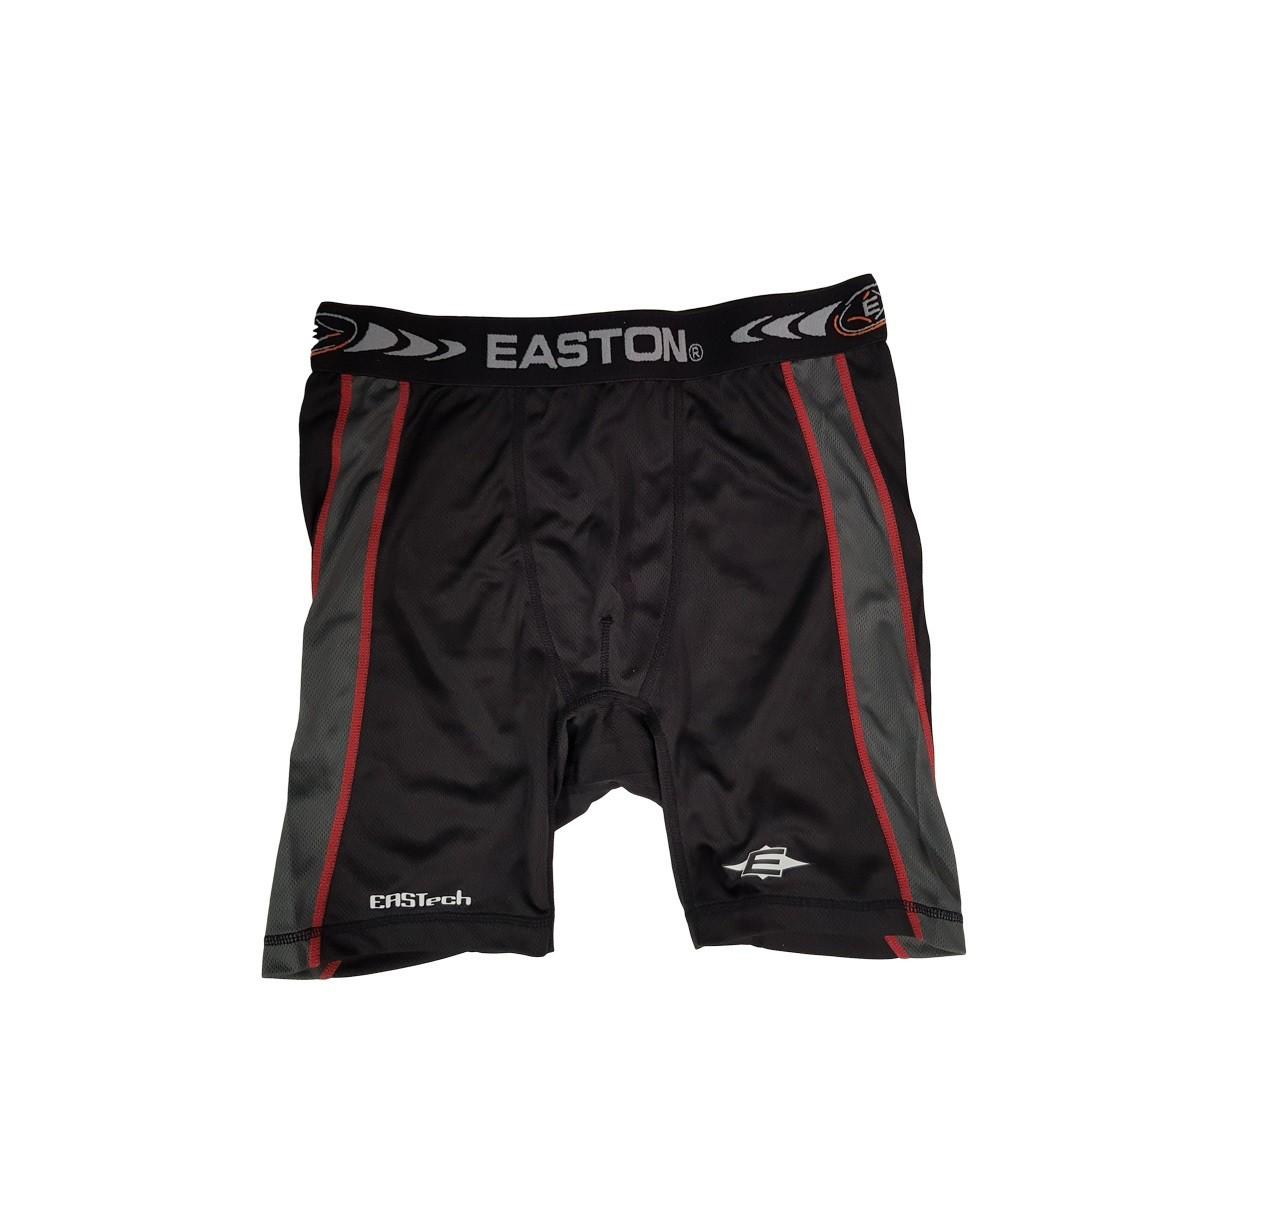 Easton Eastech Junior Underwear Shorts